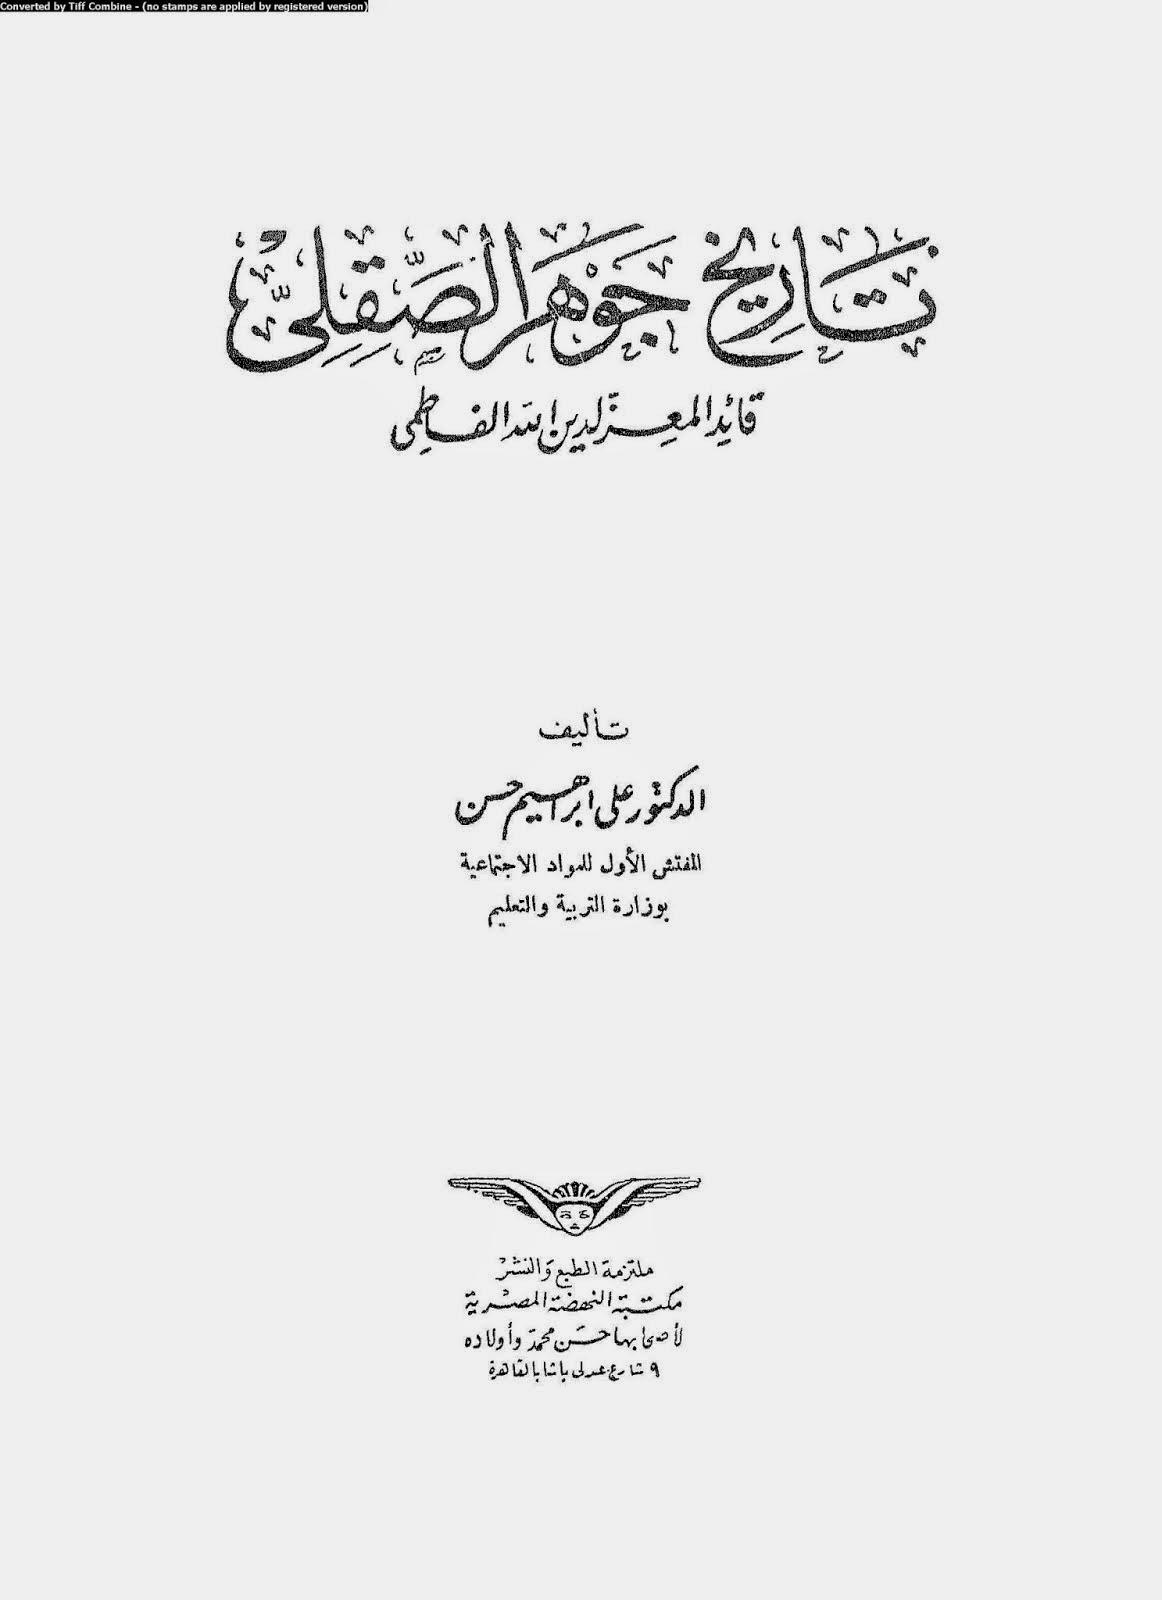 تاريخ جوهر الصقلي لـ الدكتور علي إبراهيم حسن